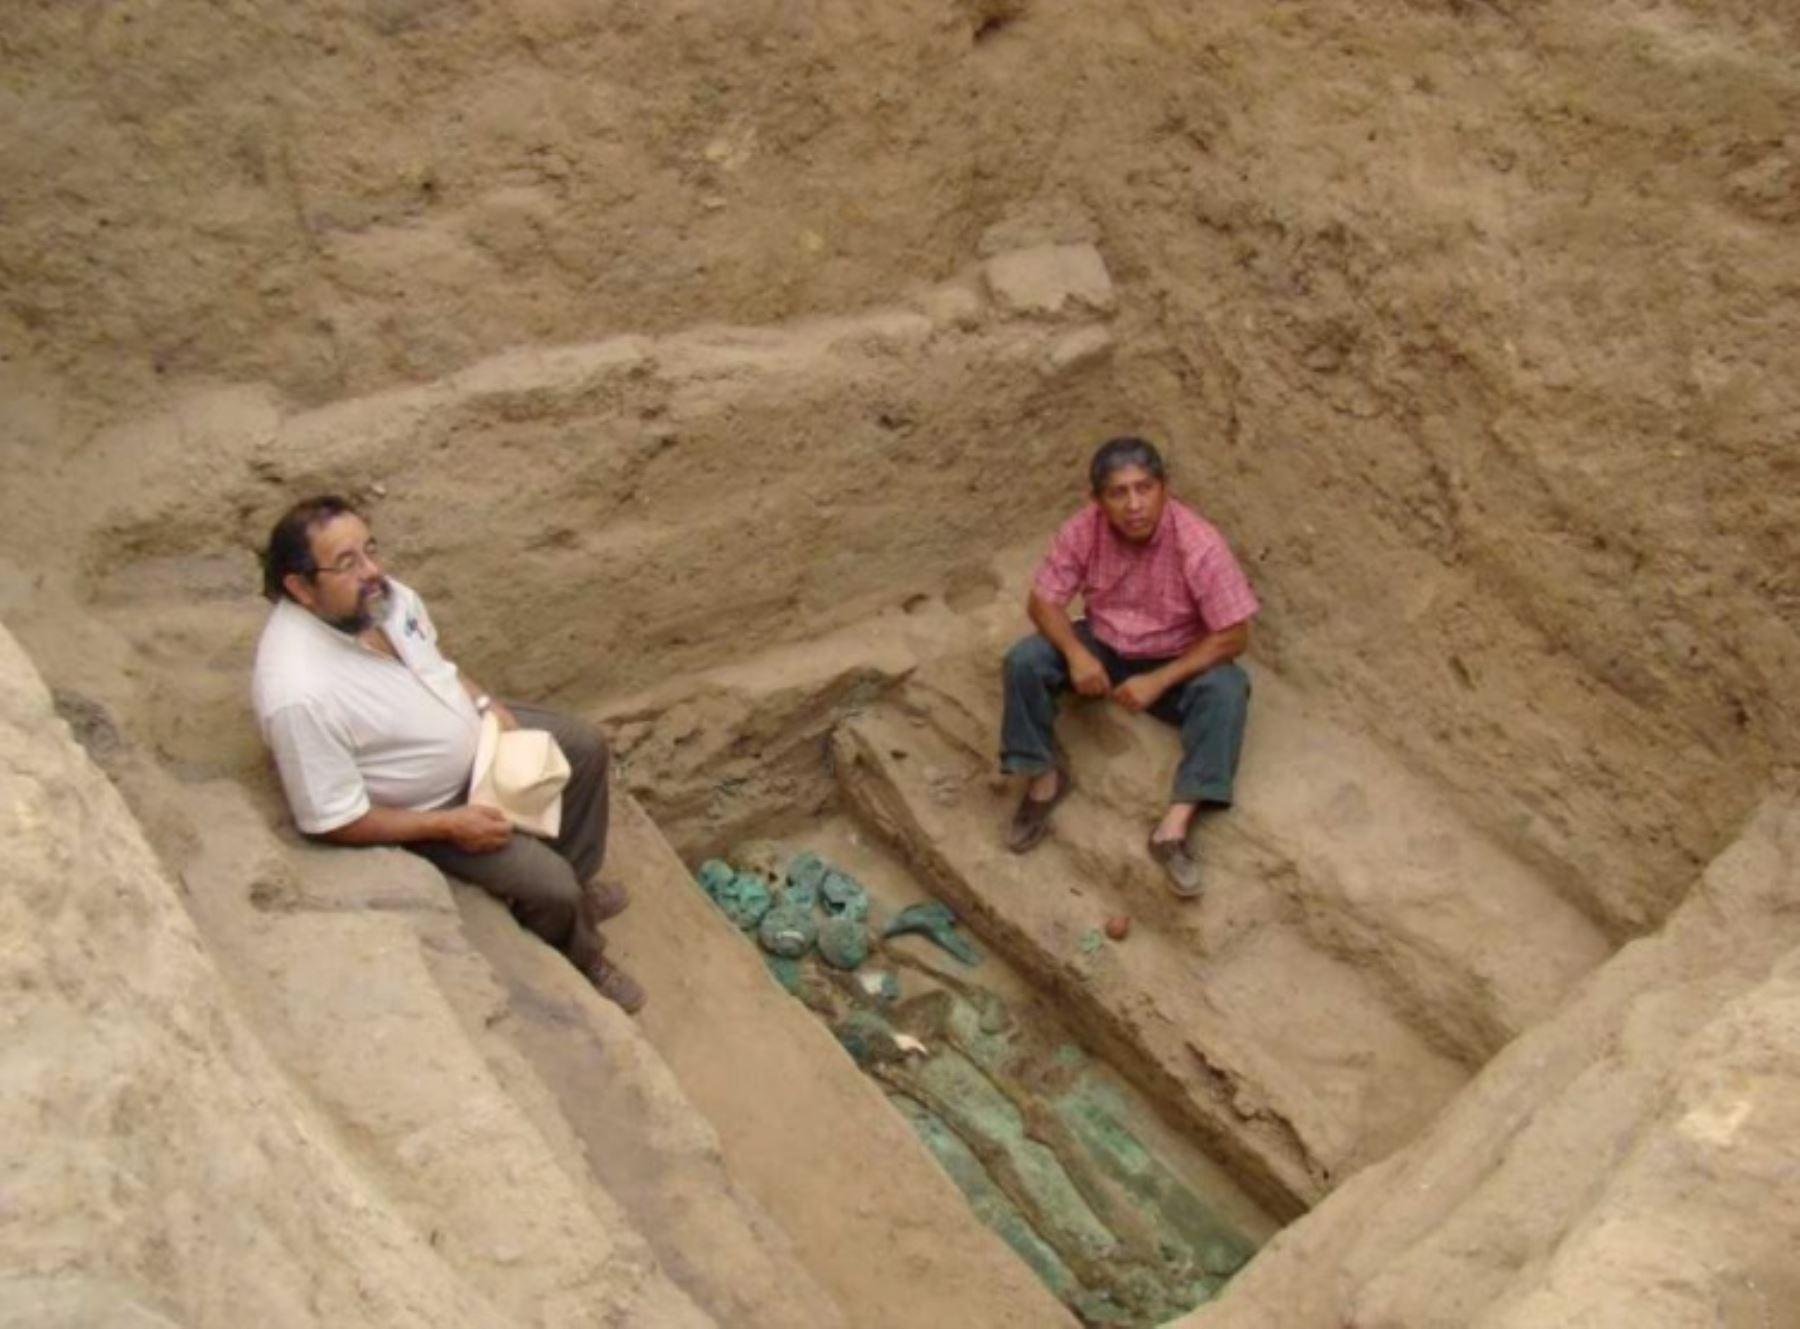 Arqueólogo Walter Alva, descubridor de la tumba del Señor de Sipán, en 1987